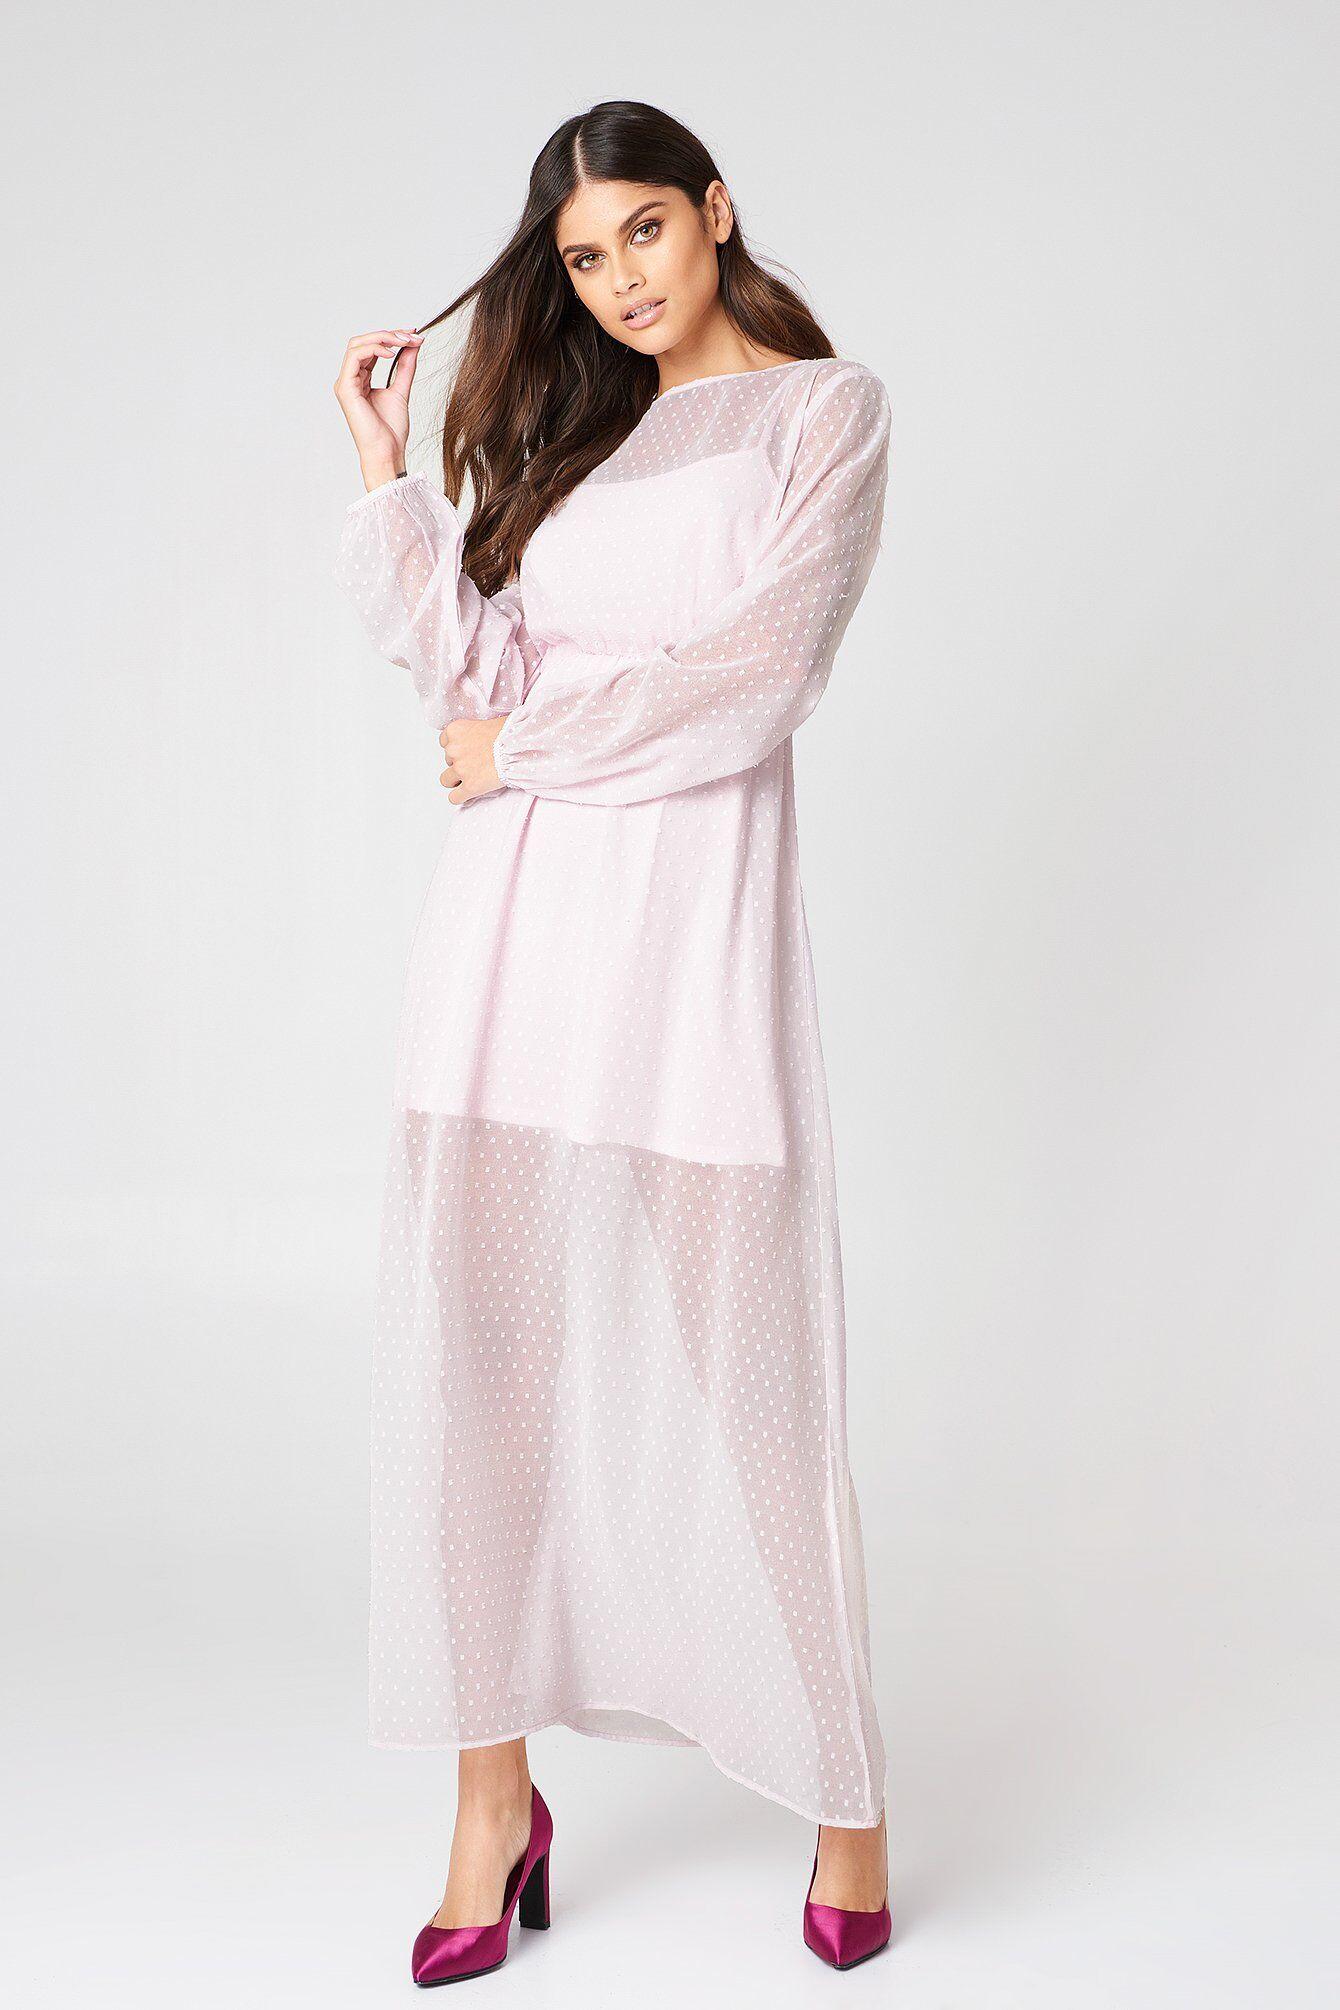 Image of NA-KD Boho LS Dotted Chiffon Maxi Dress - Pink